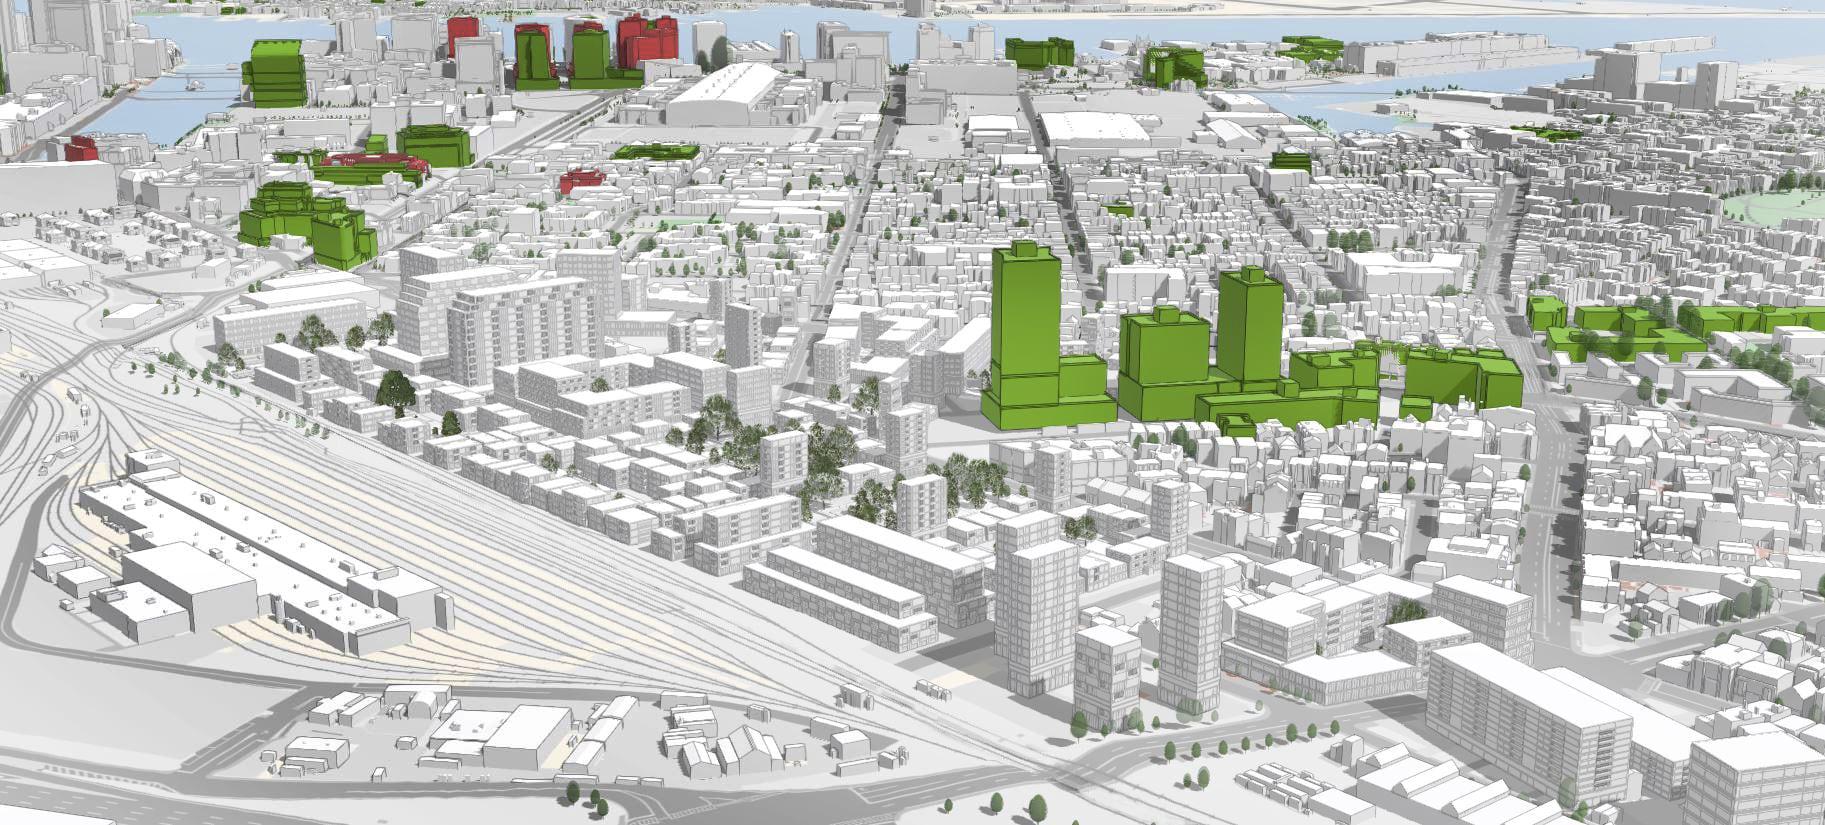 Fig. 21: Scenario 1 masterplan in ArcGIS Urban